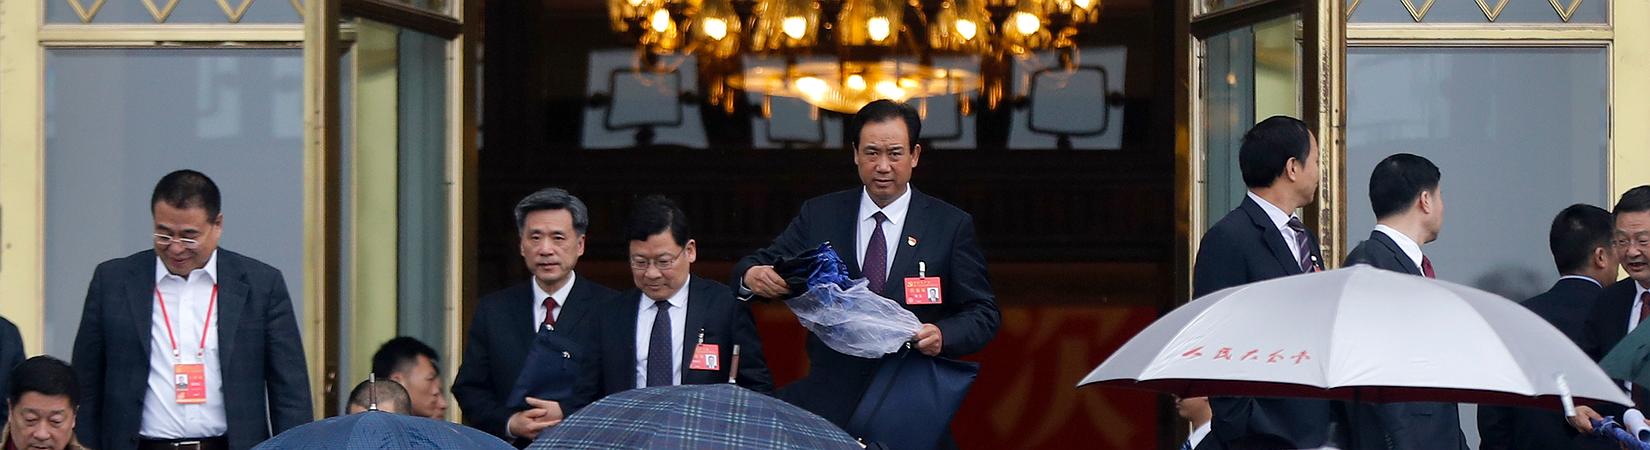 Самый непредсказуемый съезд Компартии Китая: 3 главных темы